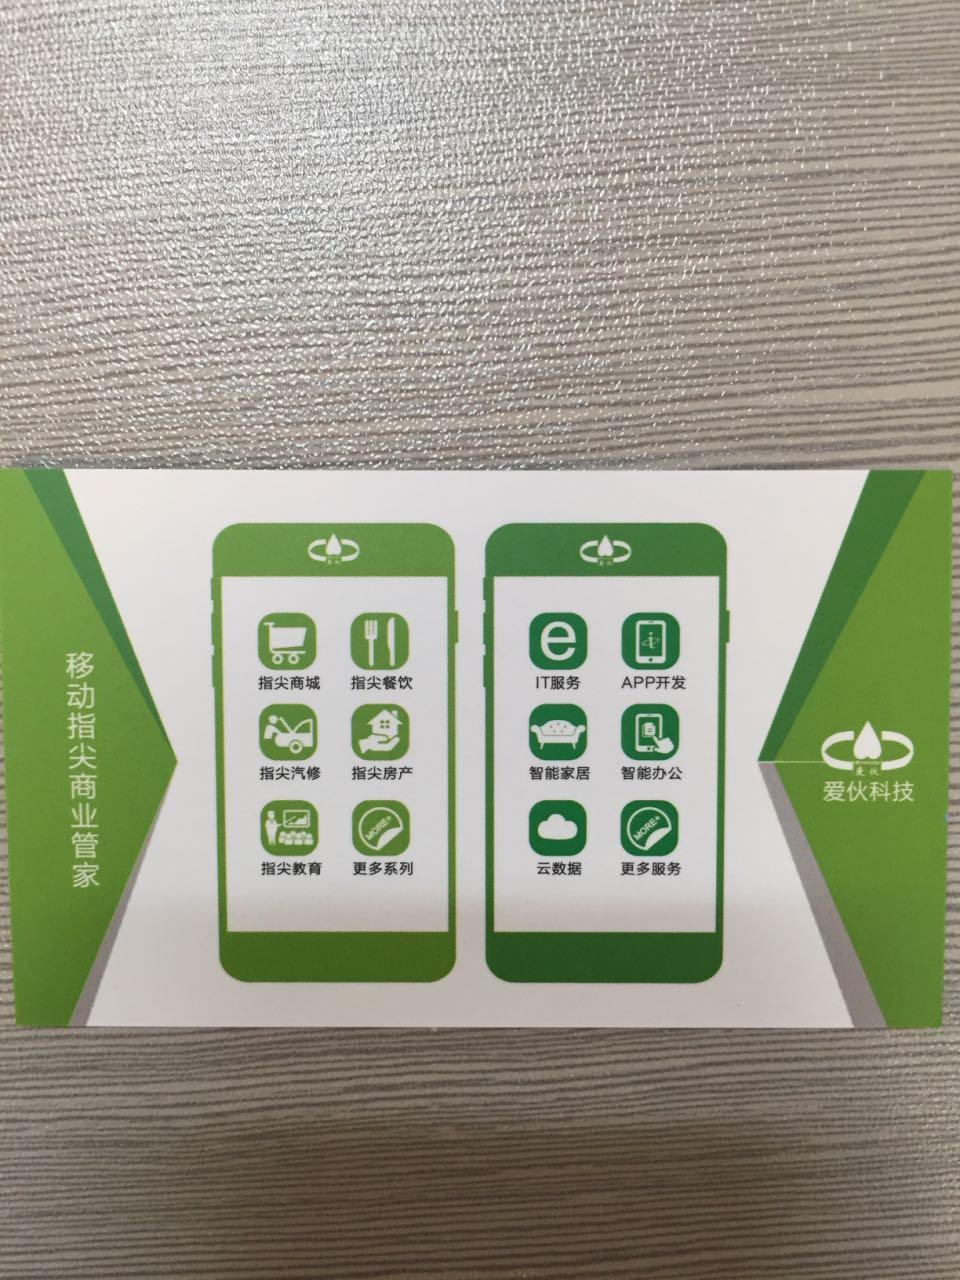 来自吴永红发布的商务合作信息:... - 广州爱伙信息科技有限公司